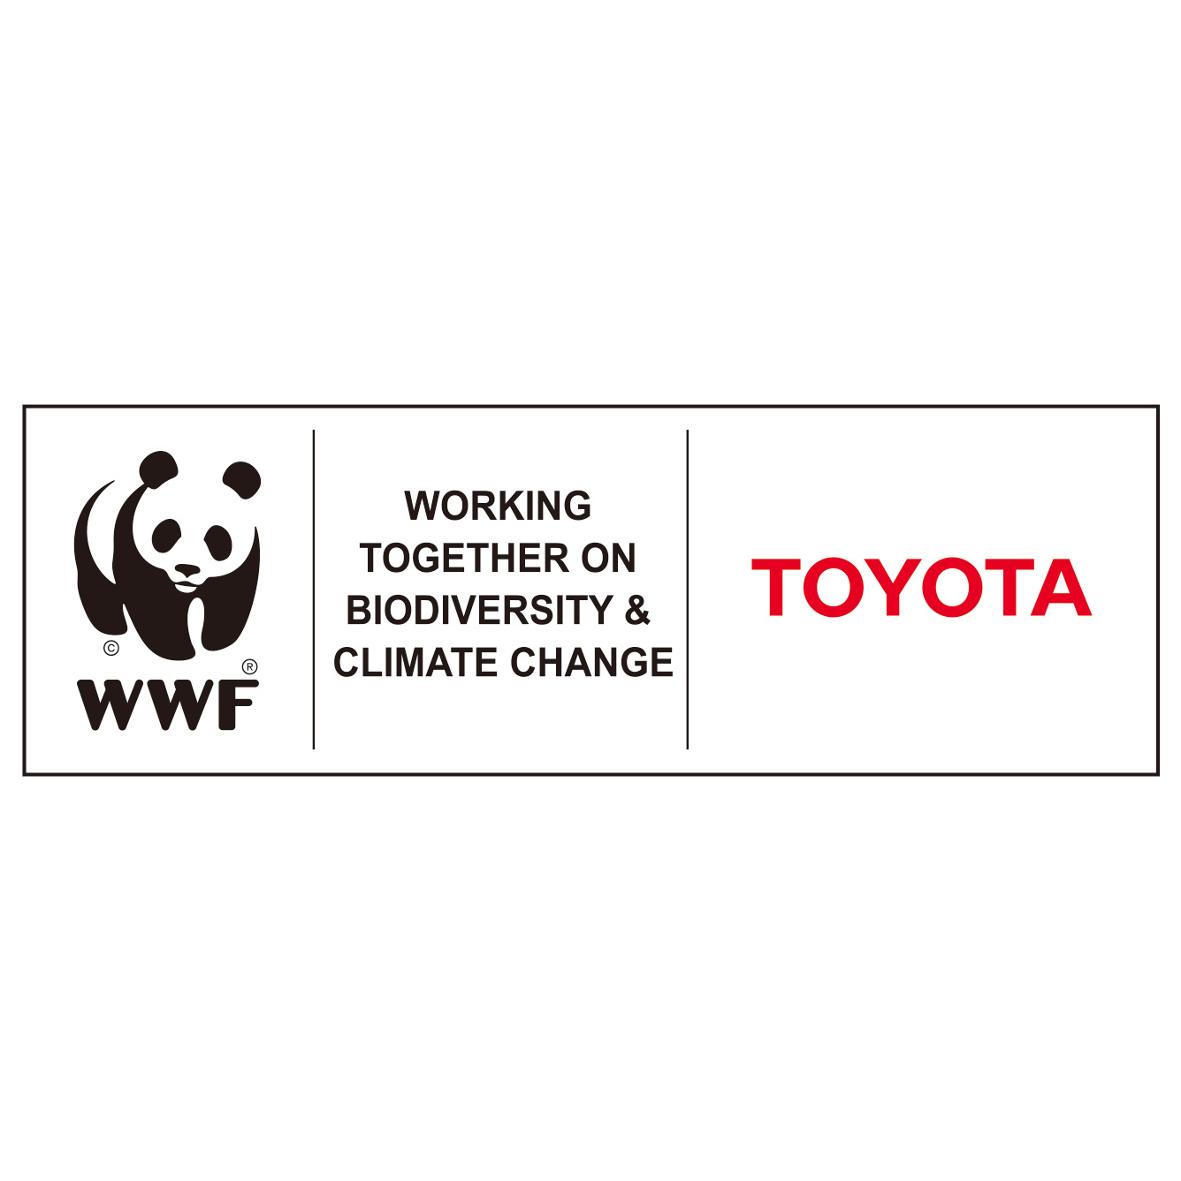 mid Groß-Gerau - Gemeinsam mit dem WWF setzt sich Toyota für den Erhalt der Artenvielfalt sowie die Förderung des ökologischen Bewusstseins und des Wandels zu einer CO2-freien Gesellschaft ein.